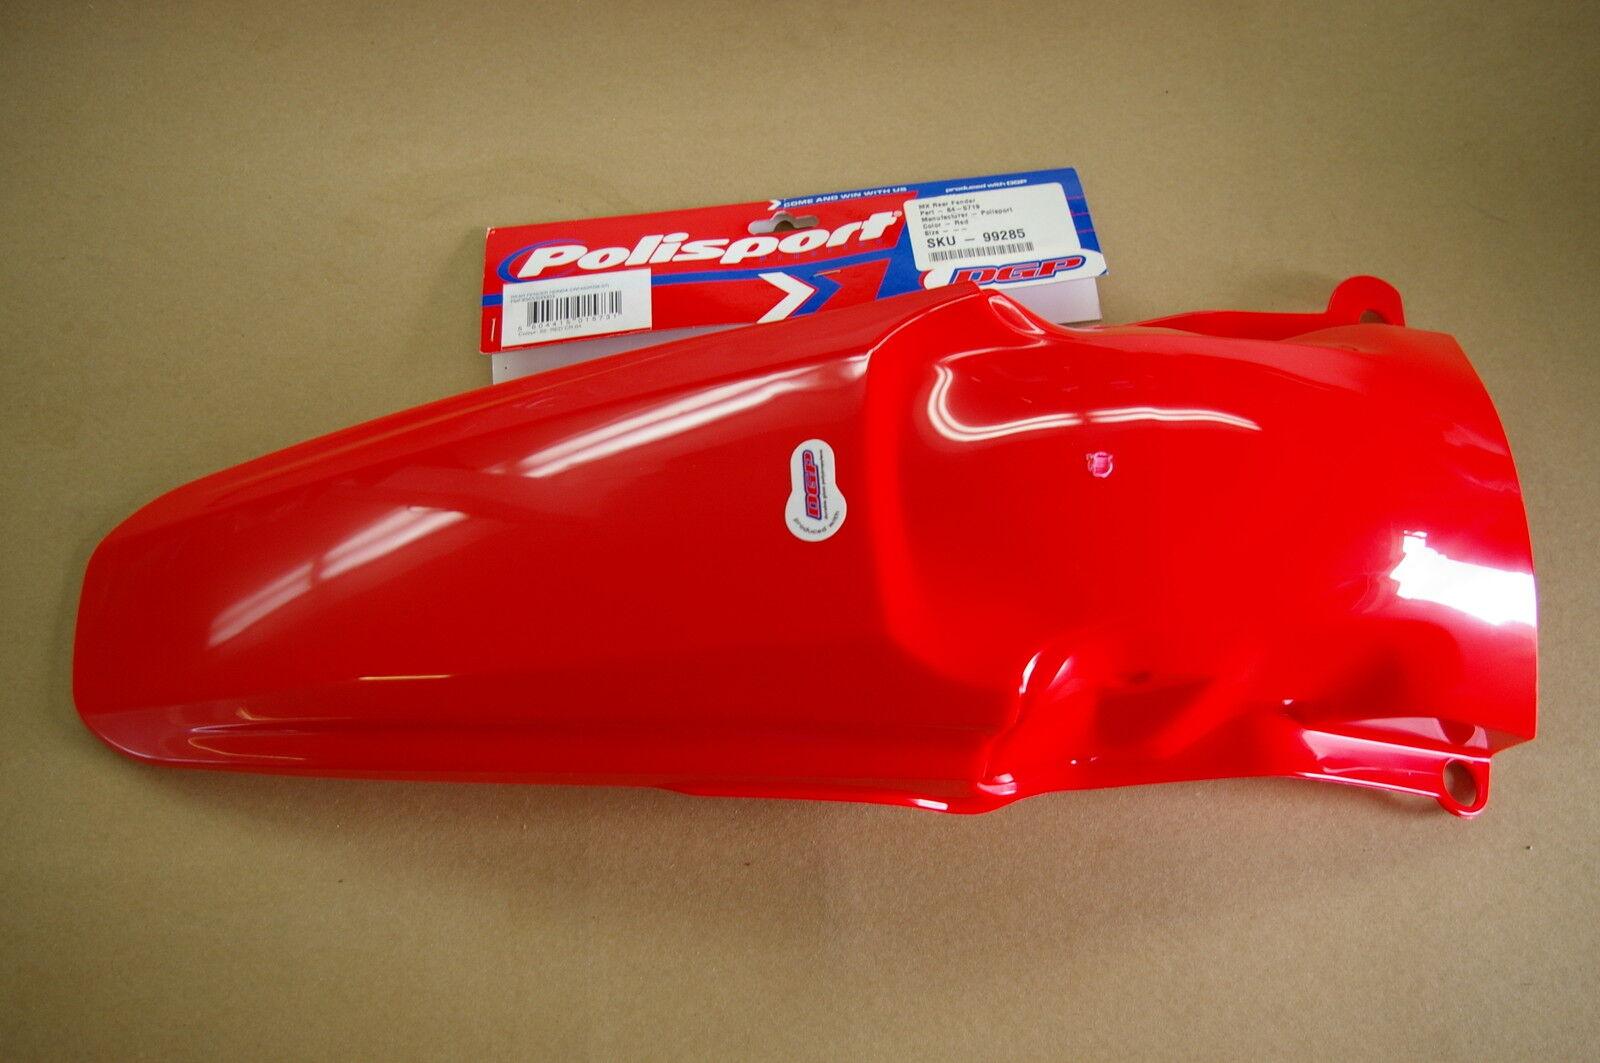 8565300003 Red CR 04 Rear Fender Polisport